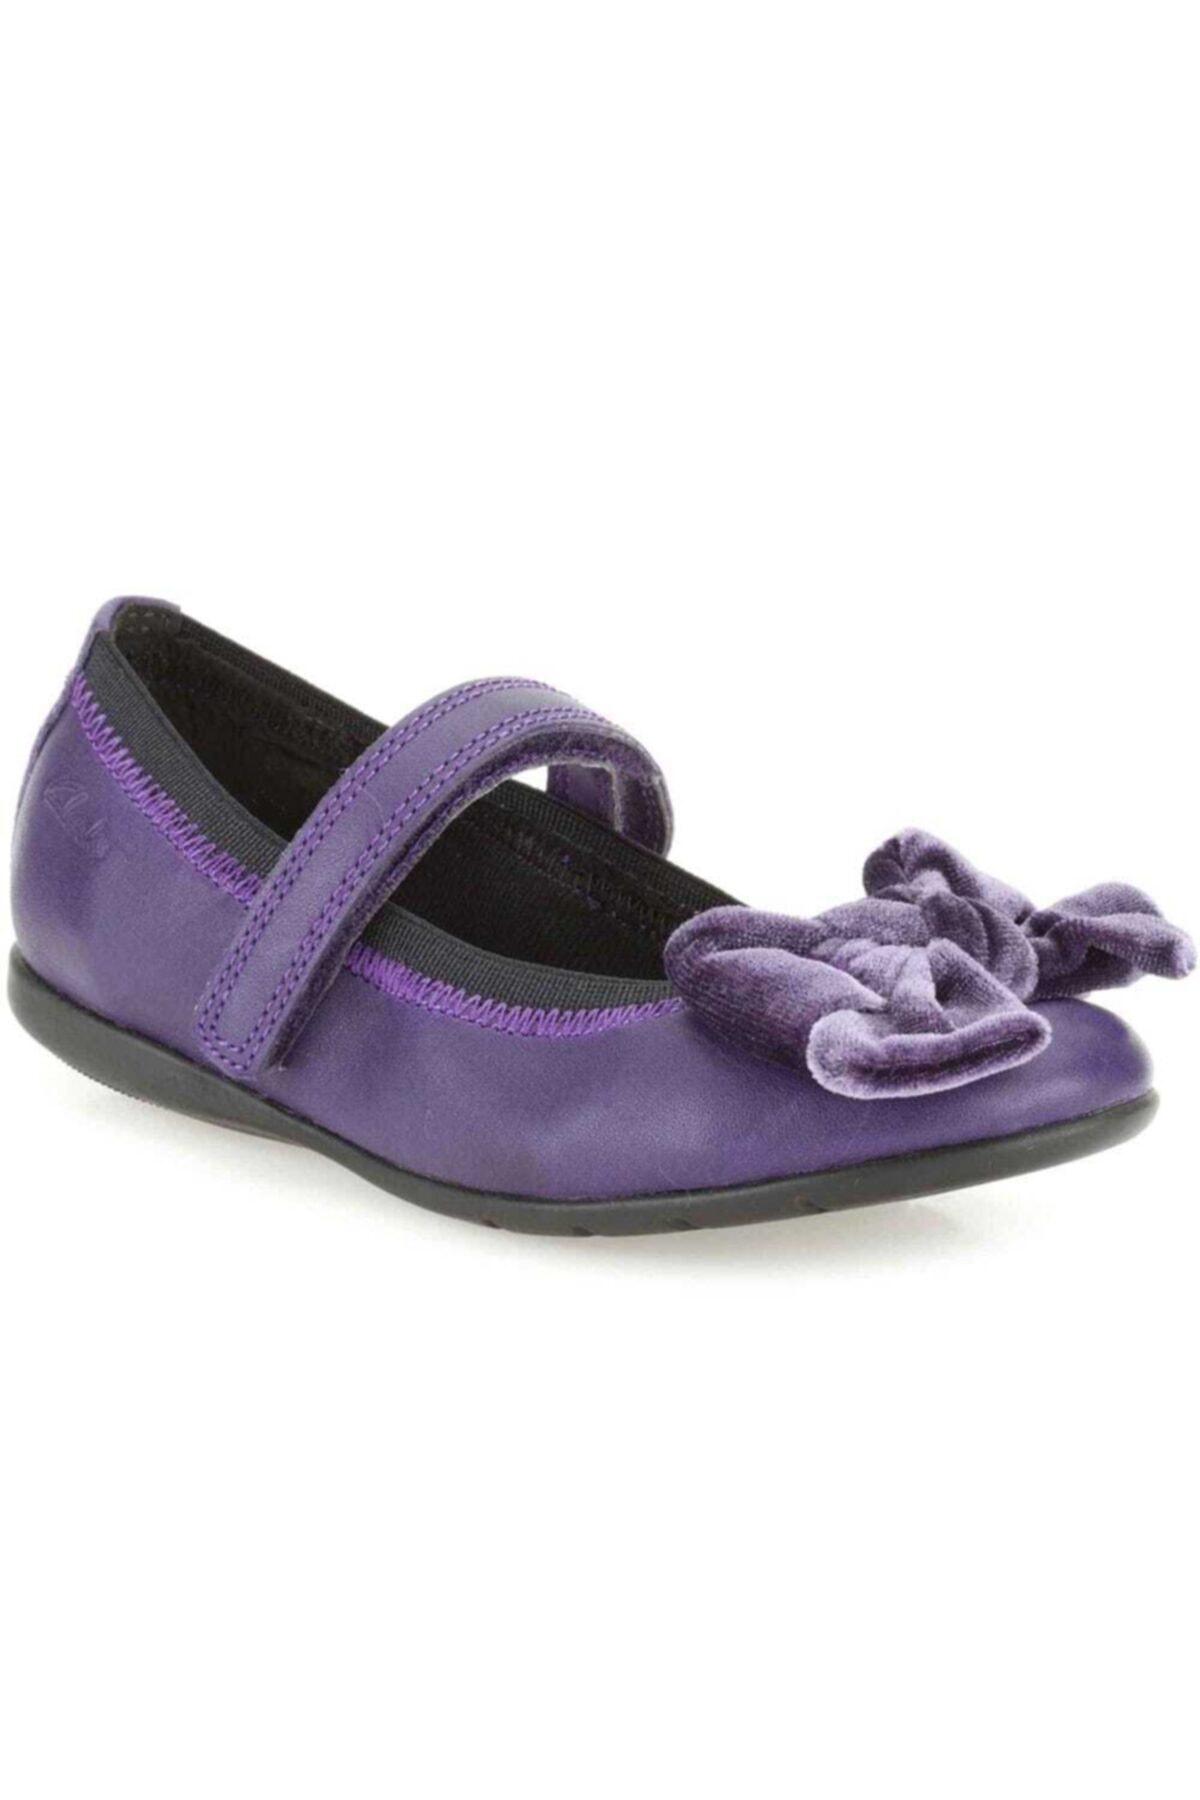 CLARKS Kız Çocuk Mor Rahat Bale Tarzı Ayakkabı 1